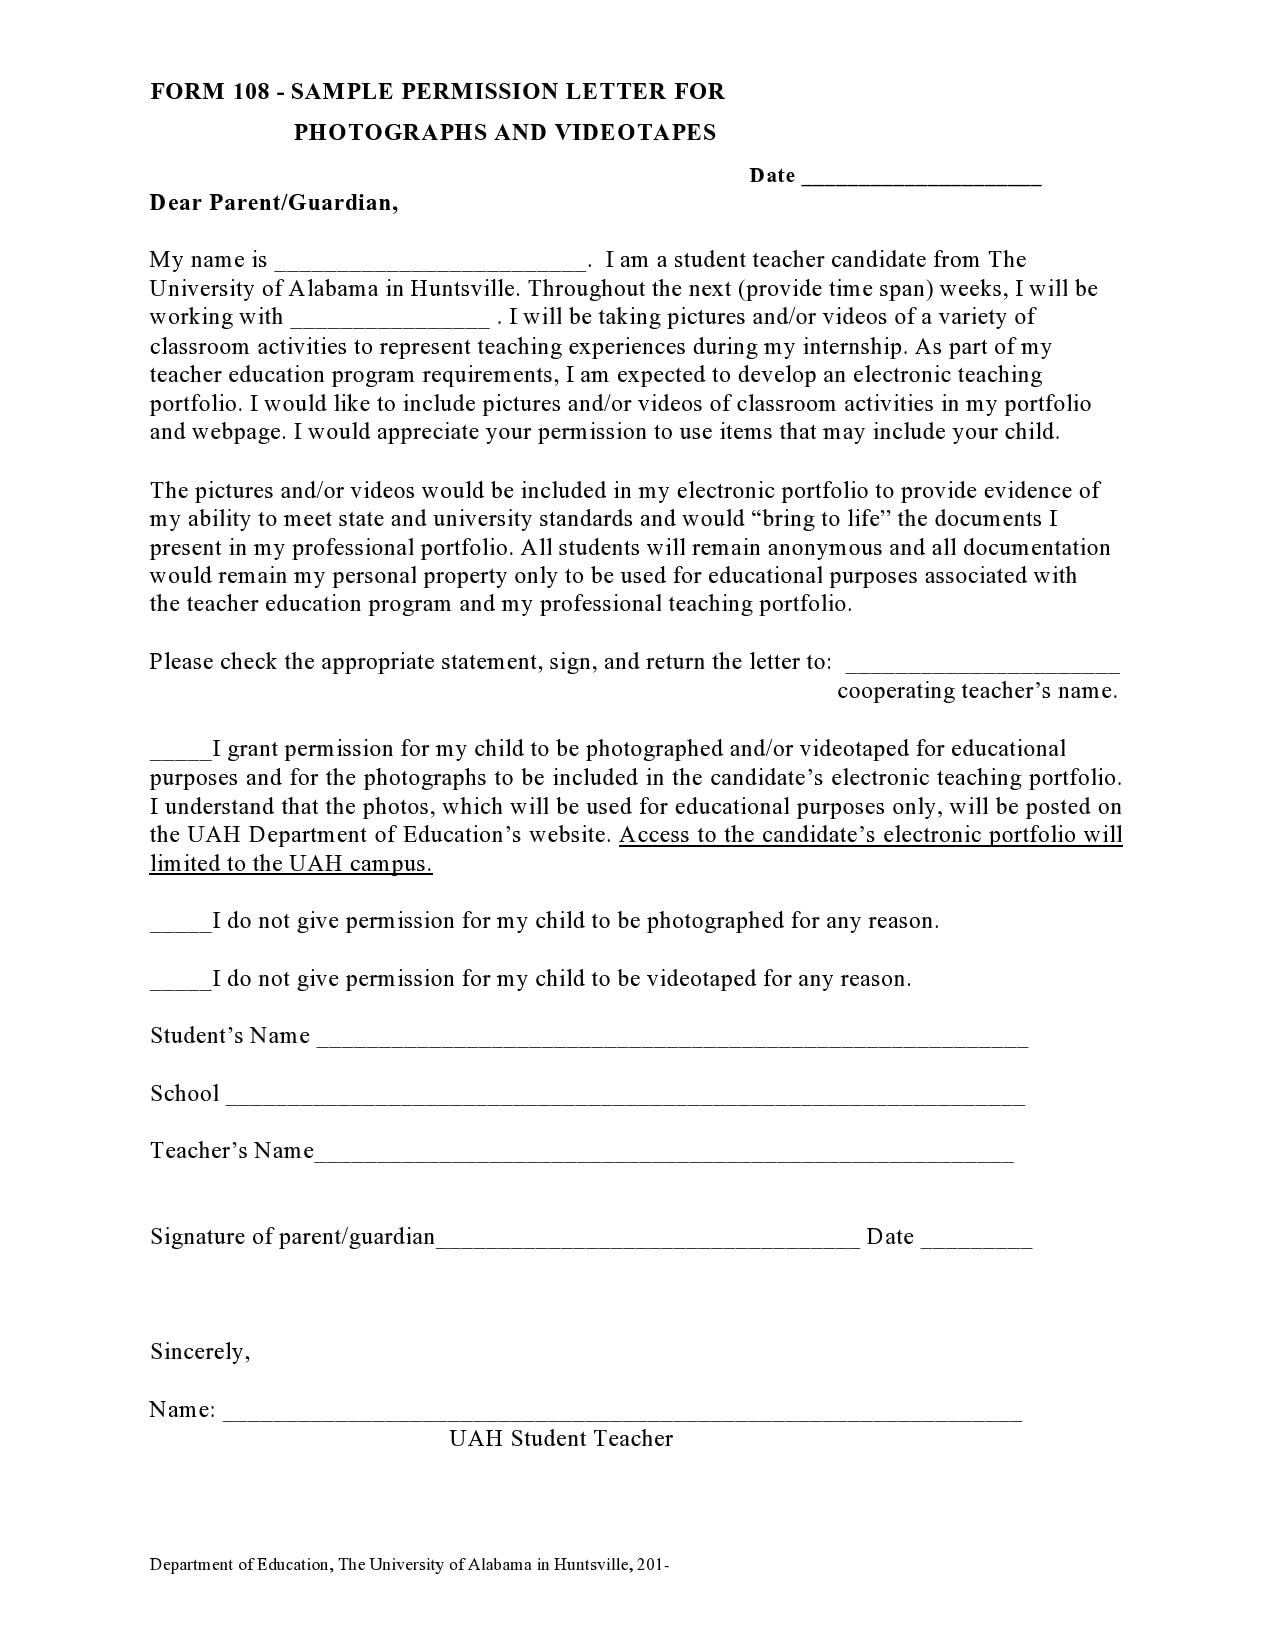 permission letter 18